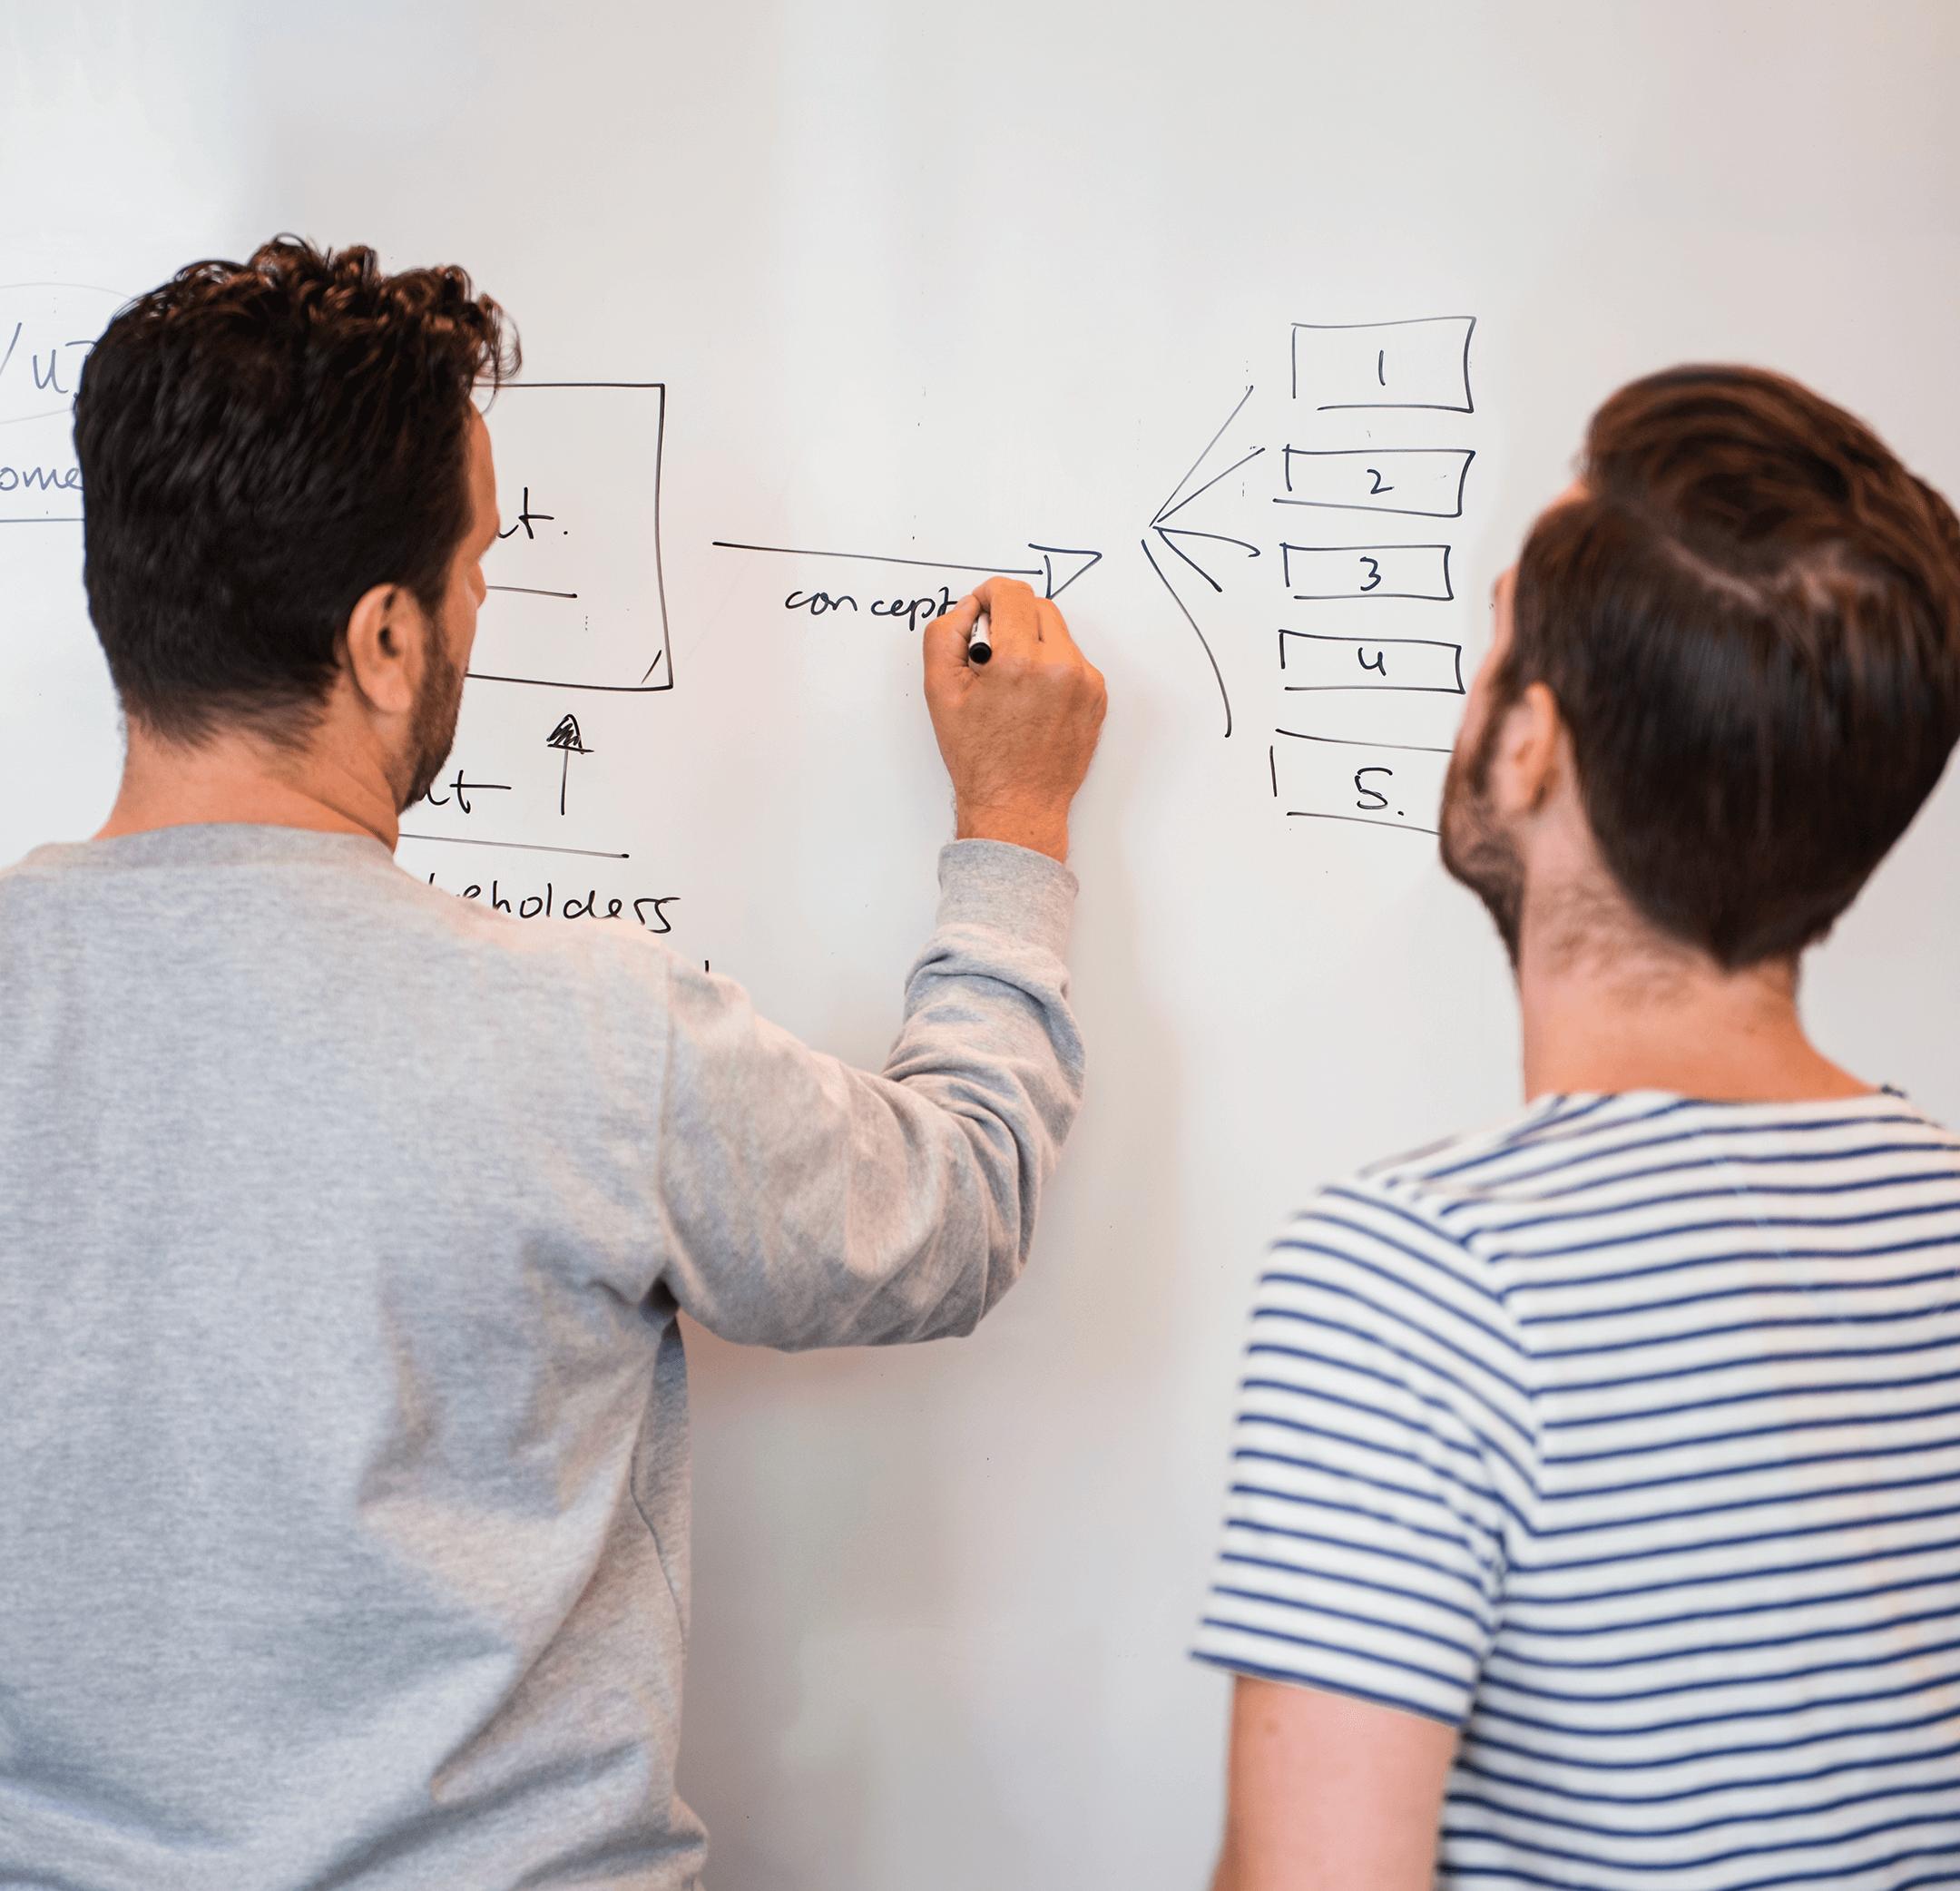 Merlijn en Bart bespreken strategie op een whiteboard